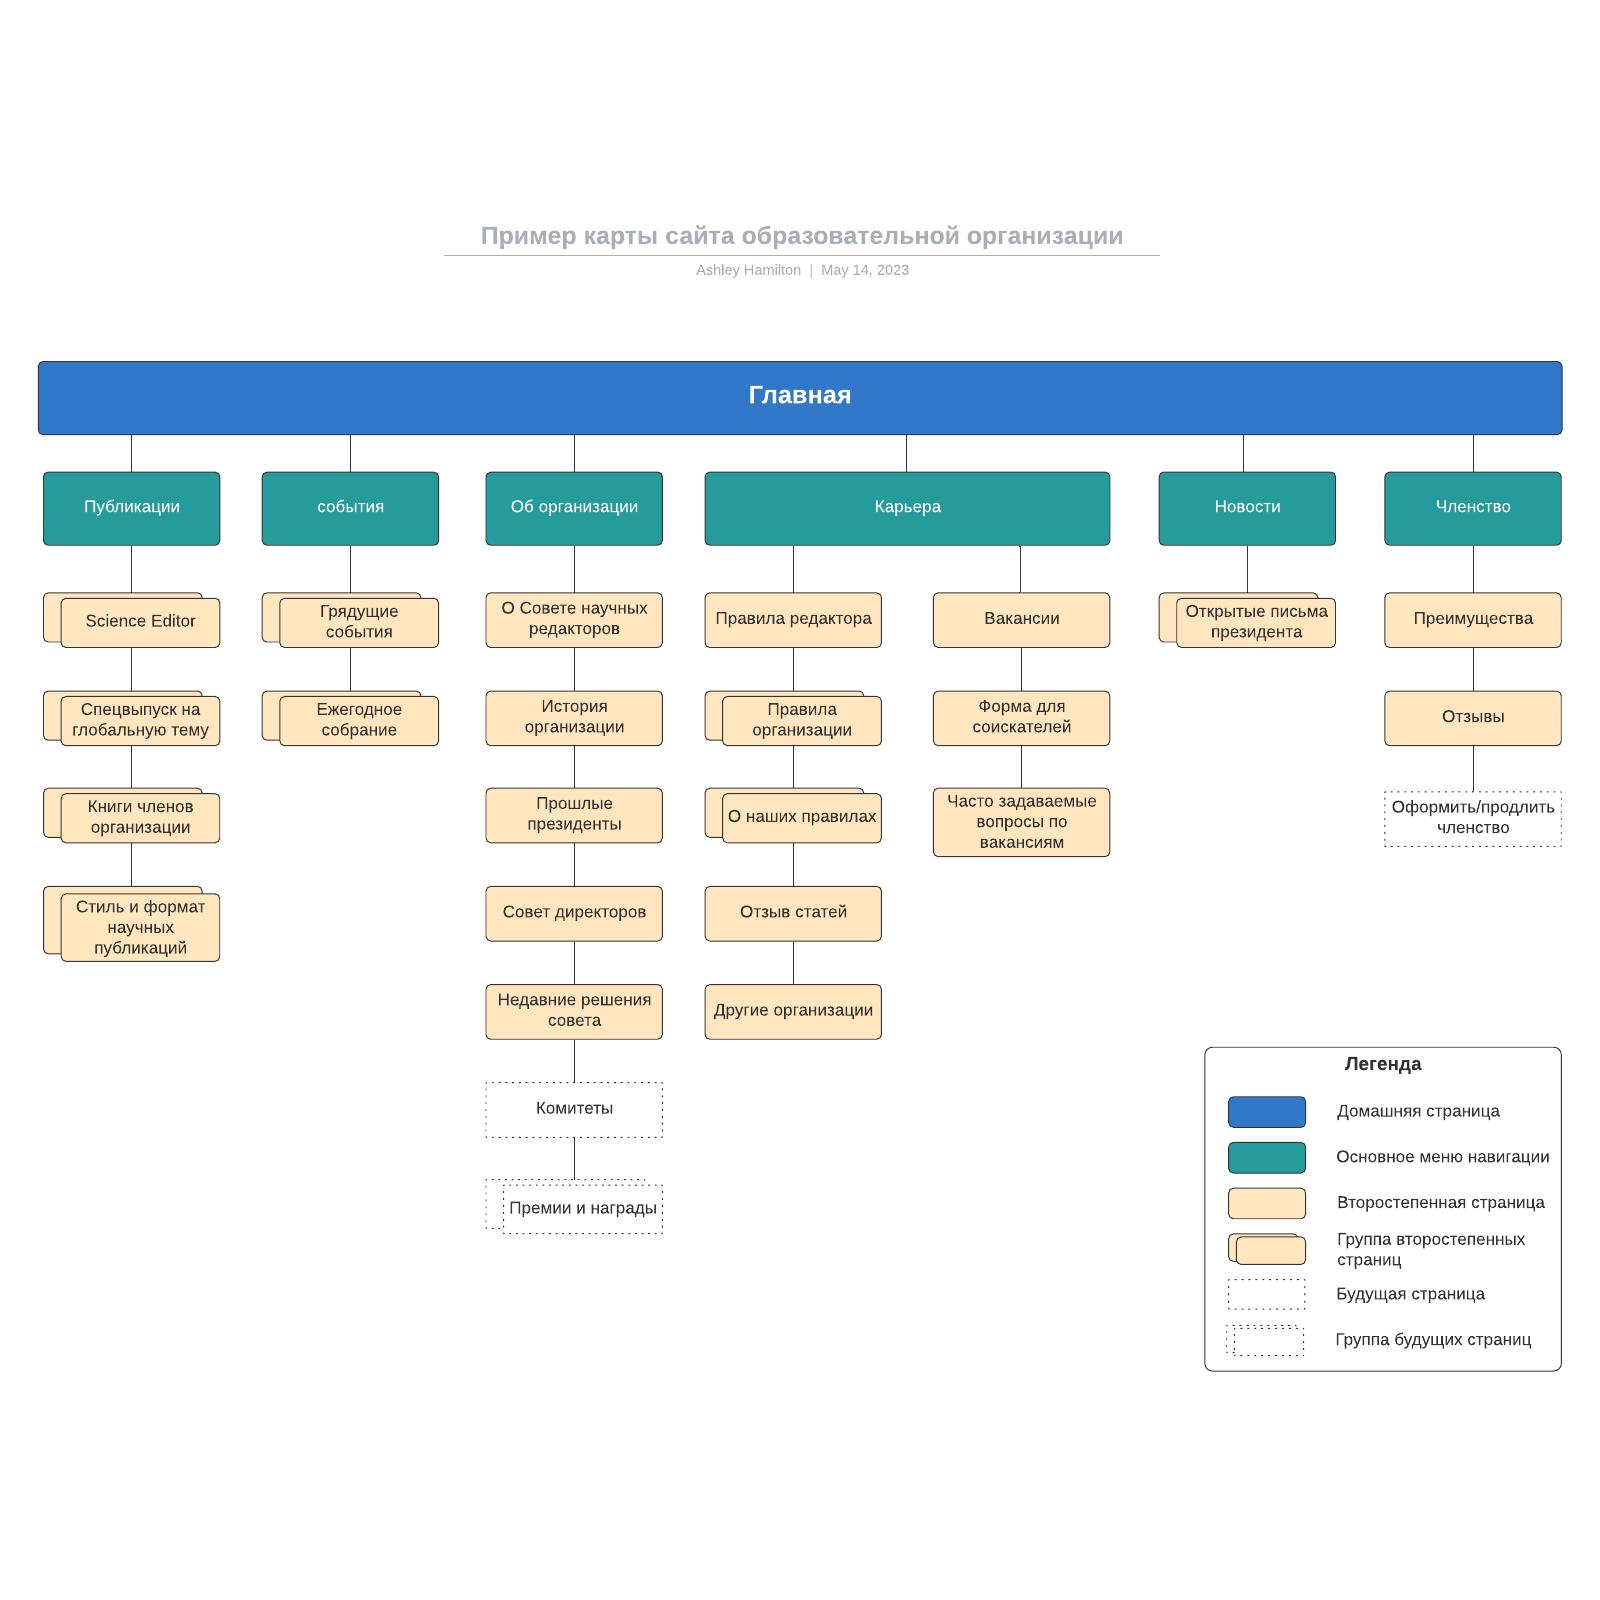 Пример карты сайта образовательной организации